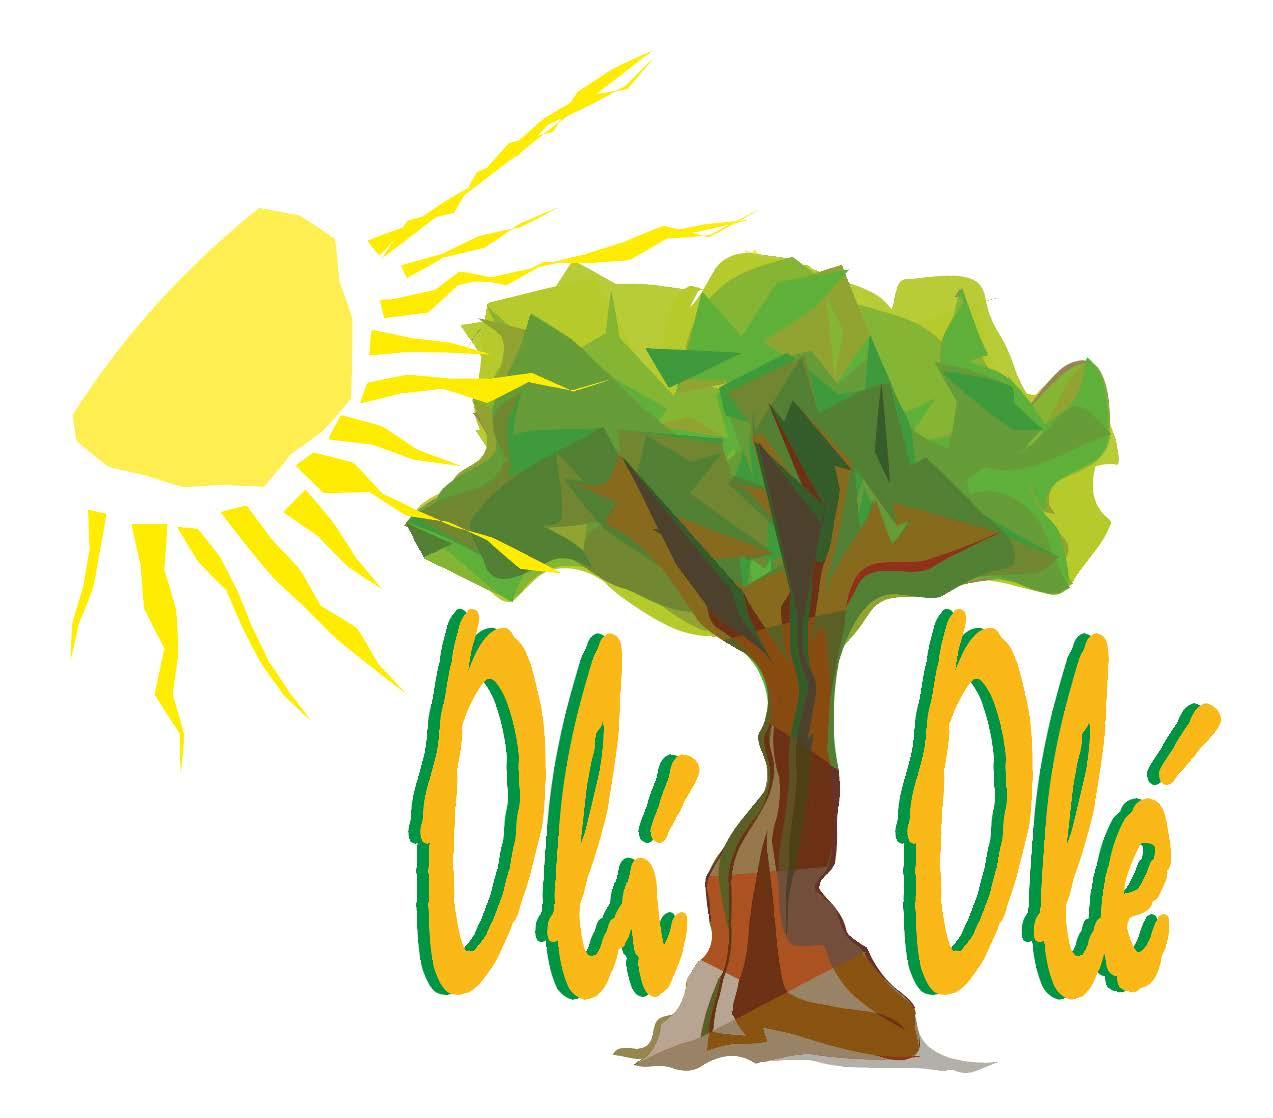 Oli-Olé